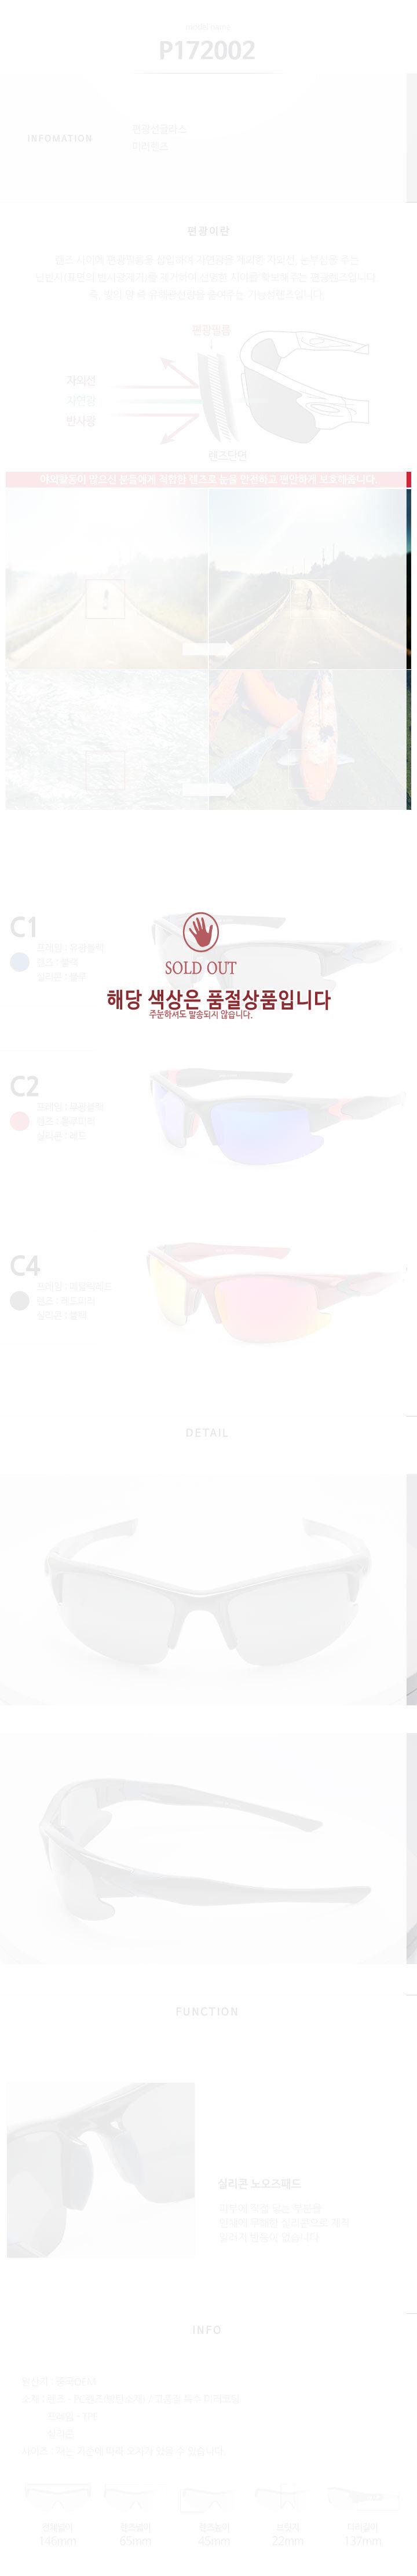 트리샤 편광 스포츠고글 선글라스 P172002 - 트리샤, 28,900원, 안경/선글라스, 선글라스